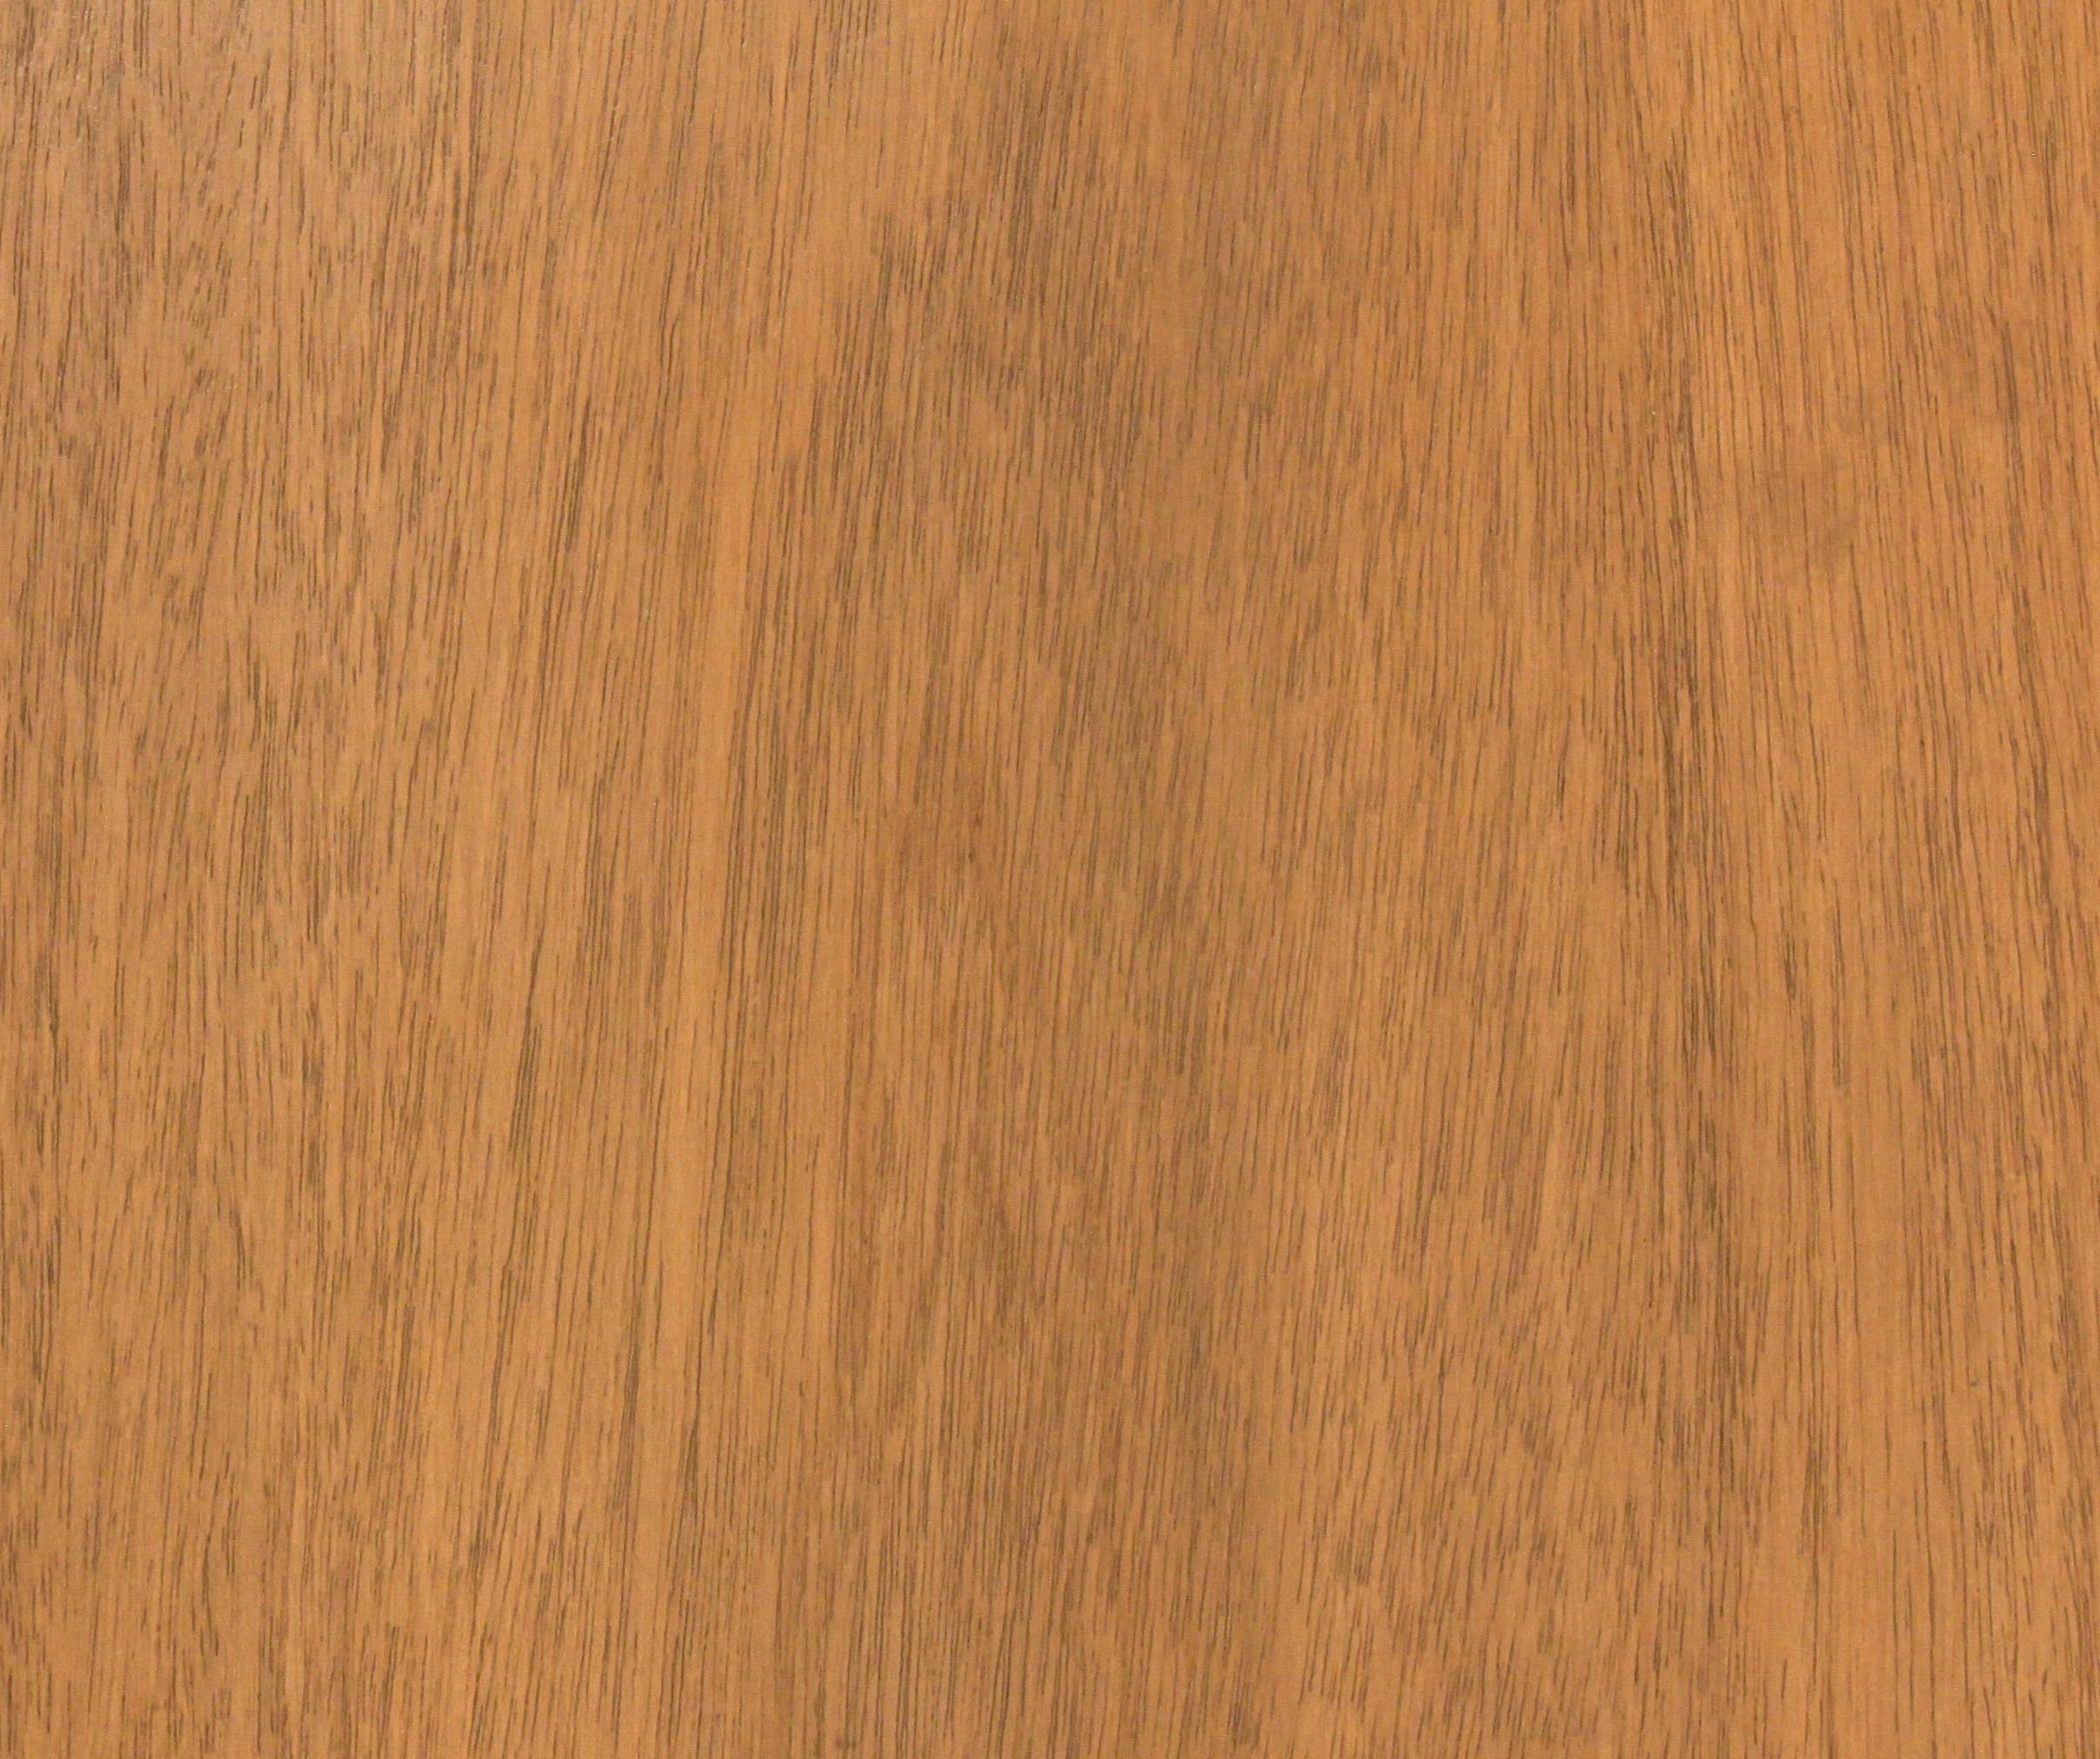 Gibbings 55 square blchd walnut coffeetable45 hires detail.jpg